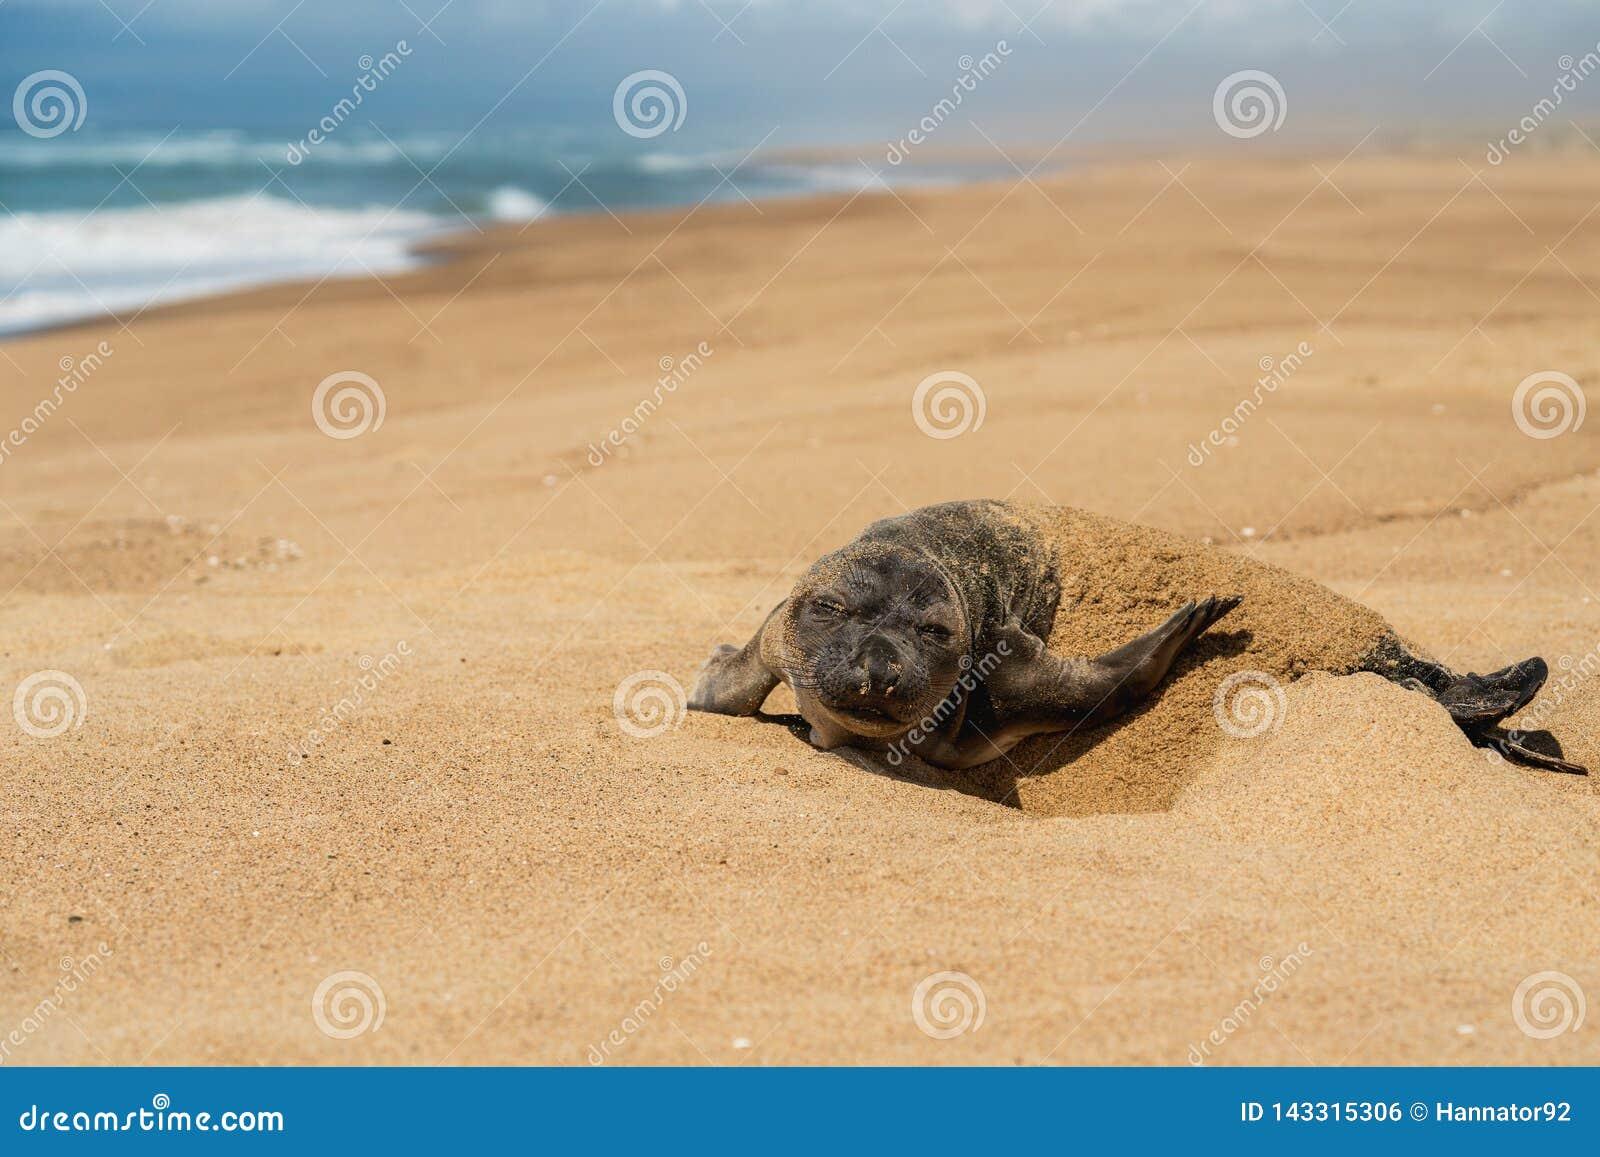 Cr?a de foca reci?n nacida en la playa